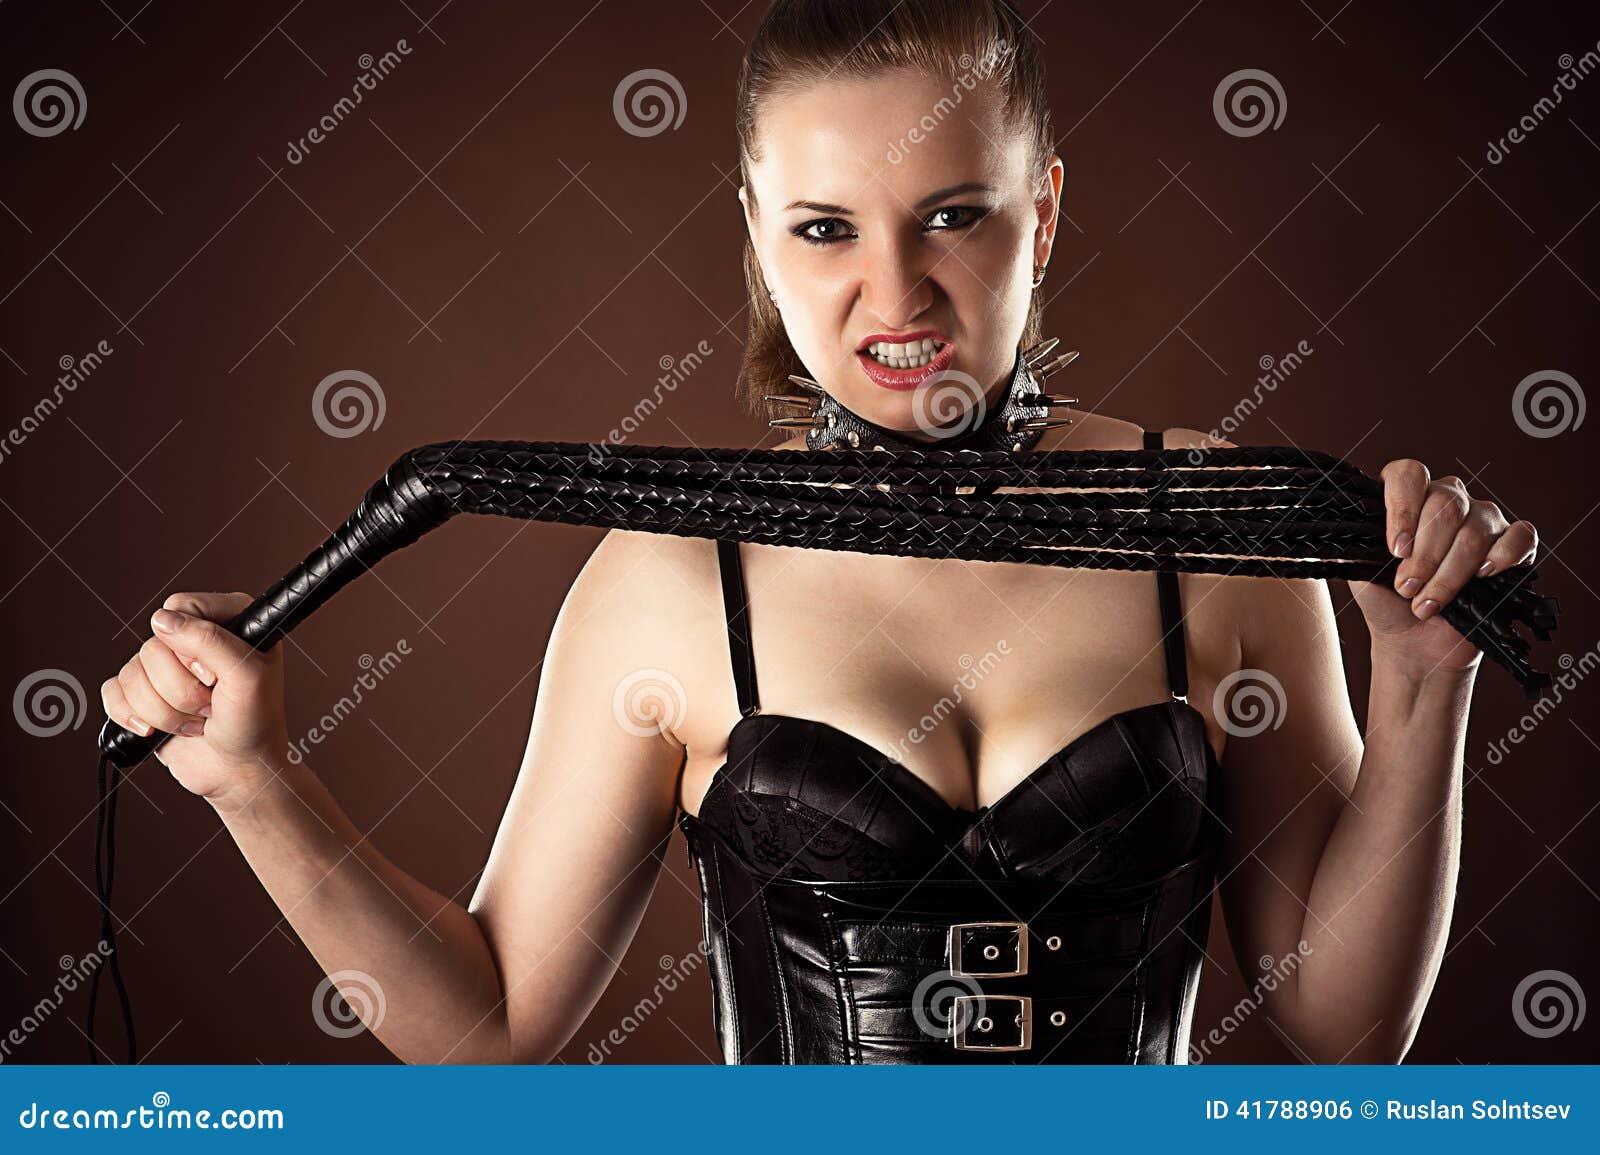 Смотреть онлайн секс господин раба госпожа раб, Русская госпожа срет на раба -видео. Смотреть 24 фотография